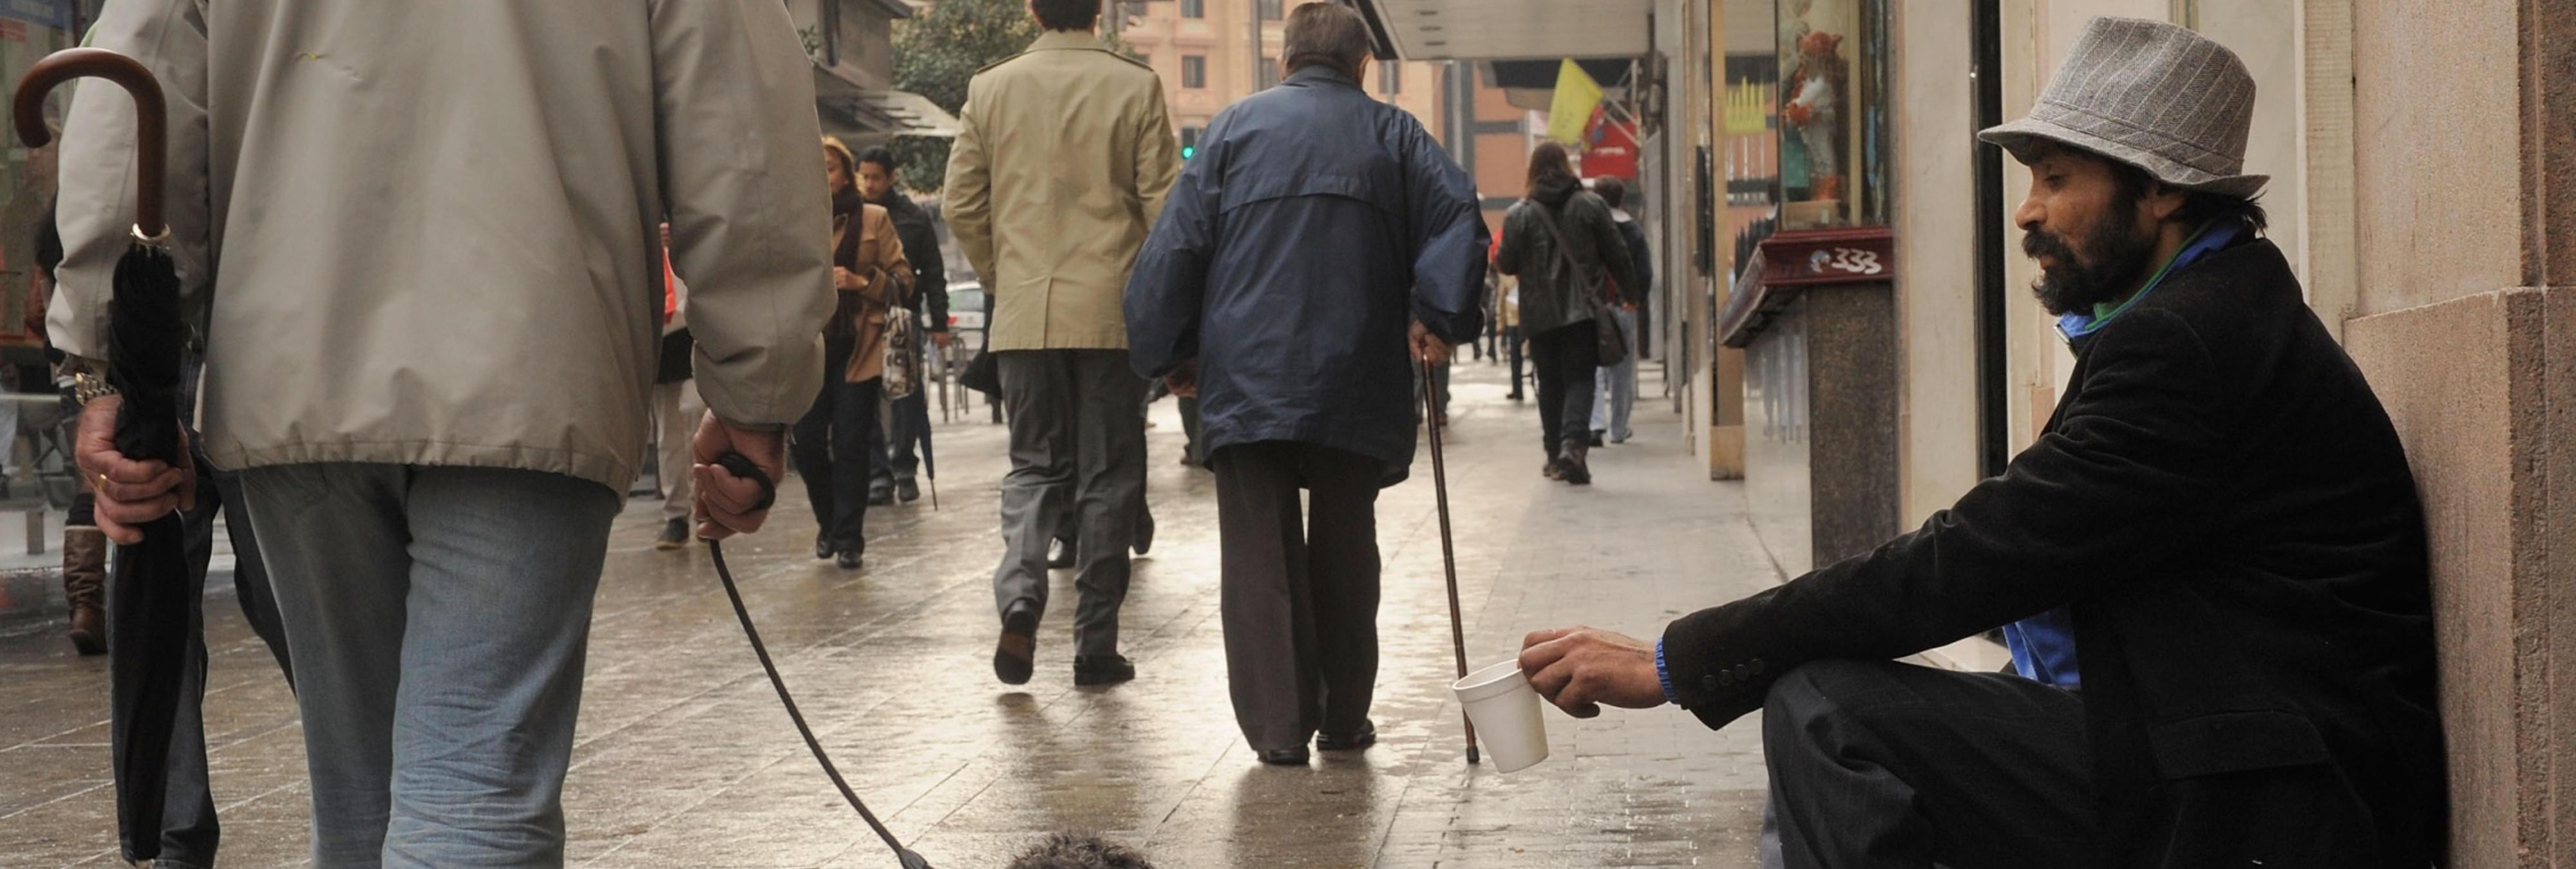 España va bien sólo para los ricos, los demás cada vez más pobres